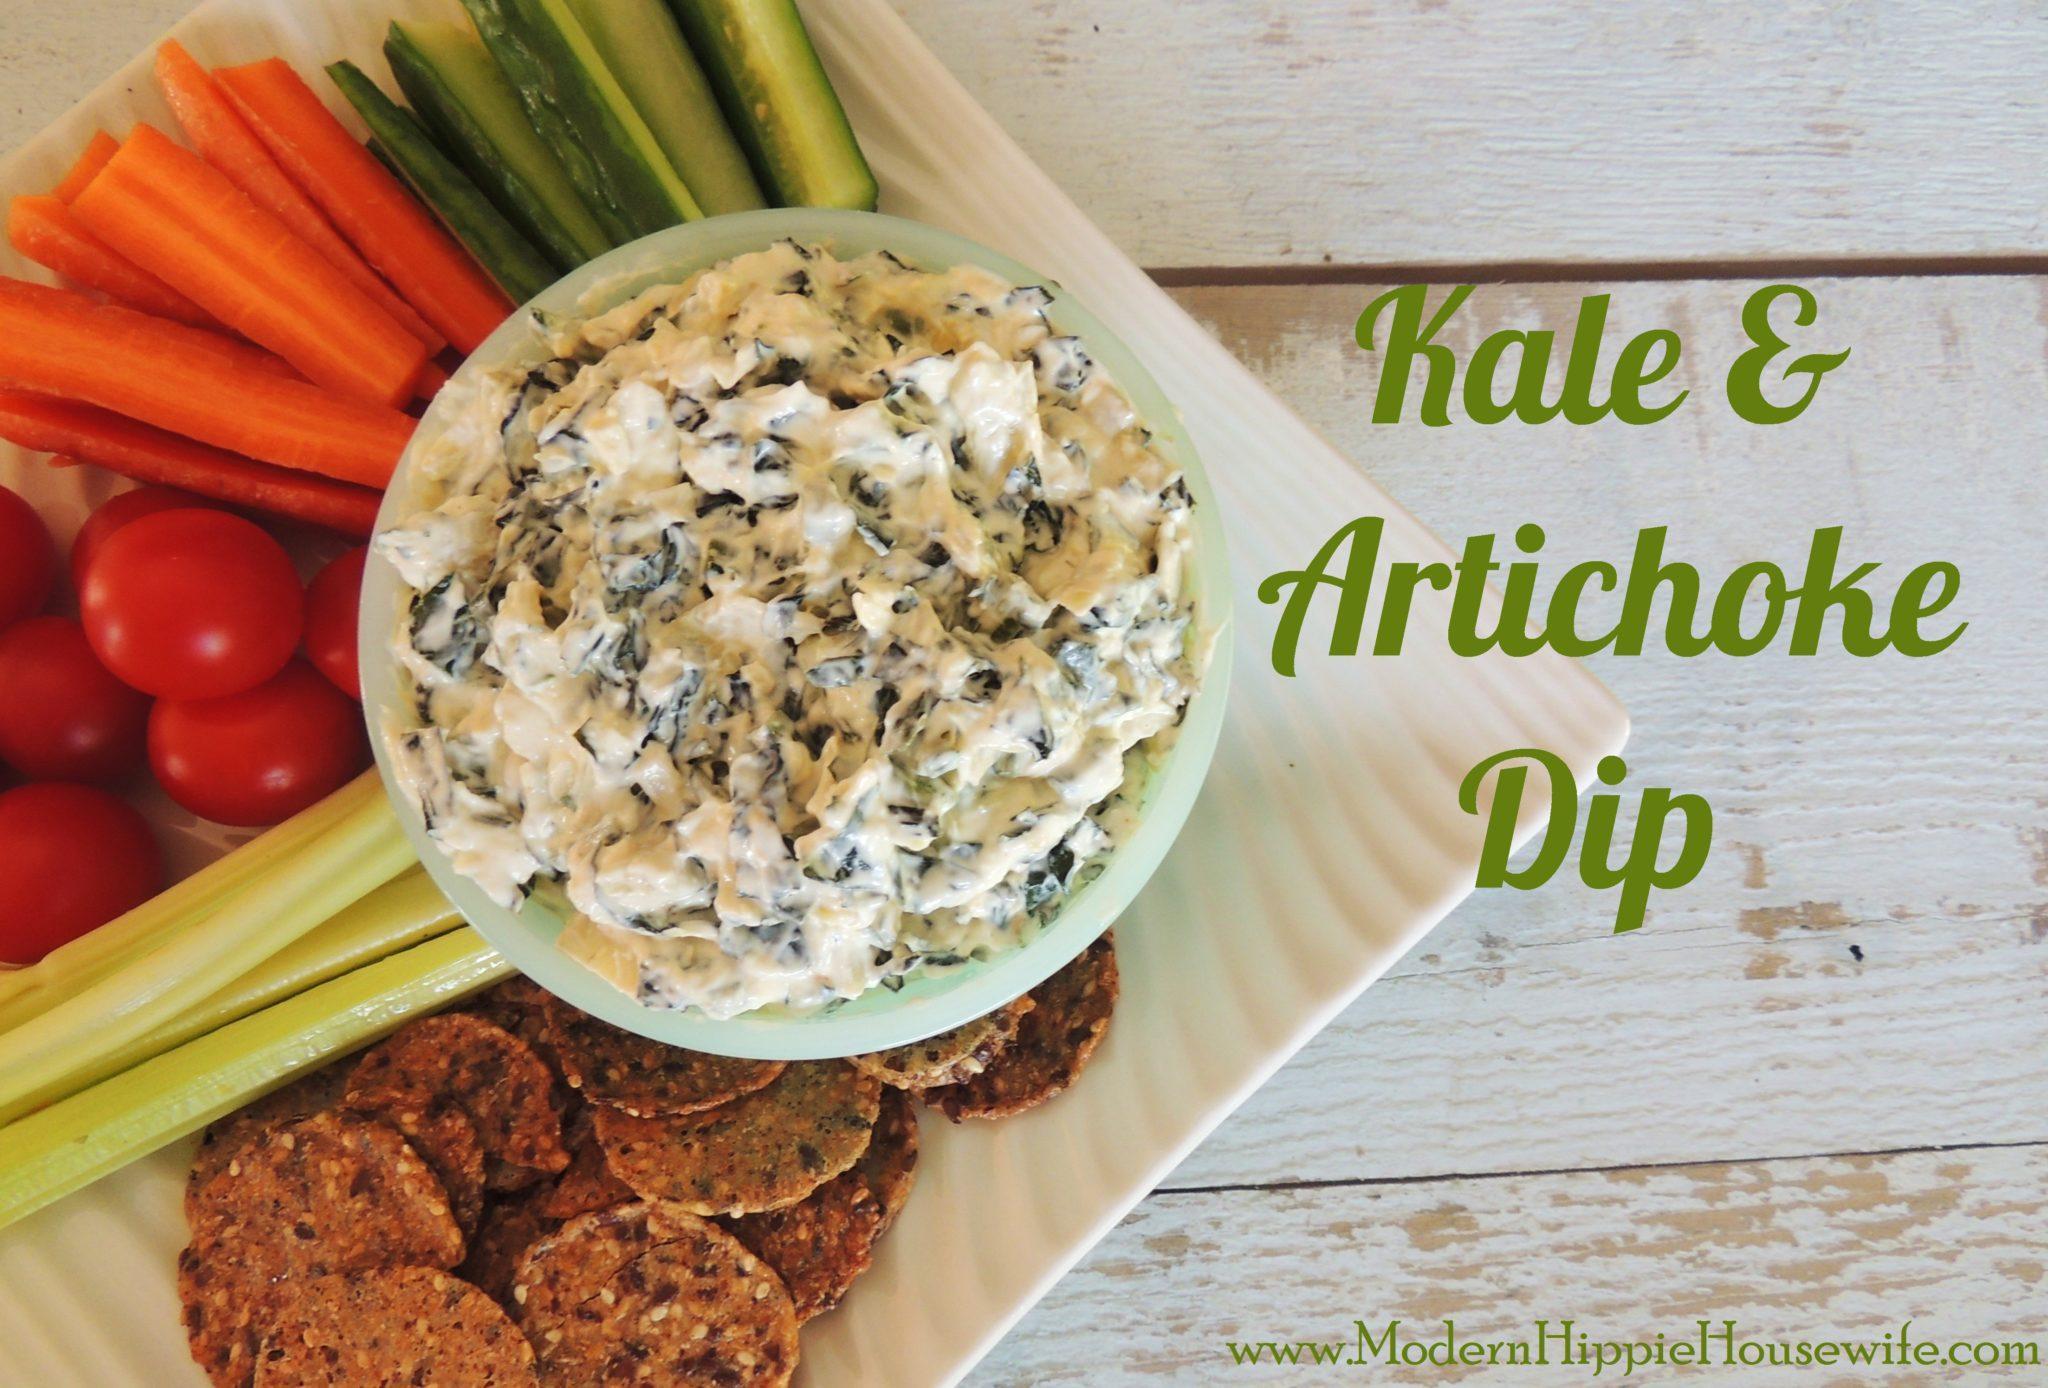 Kale & Artichoke Dip